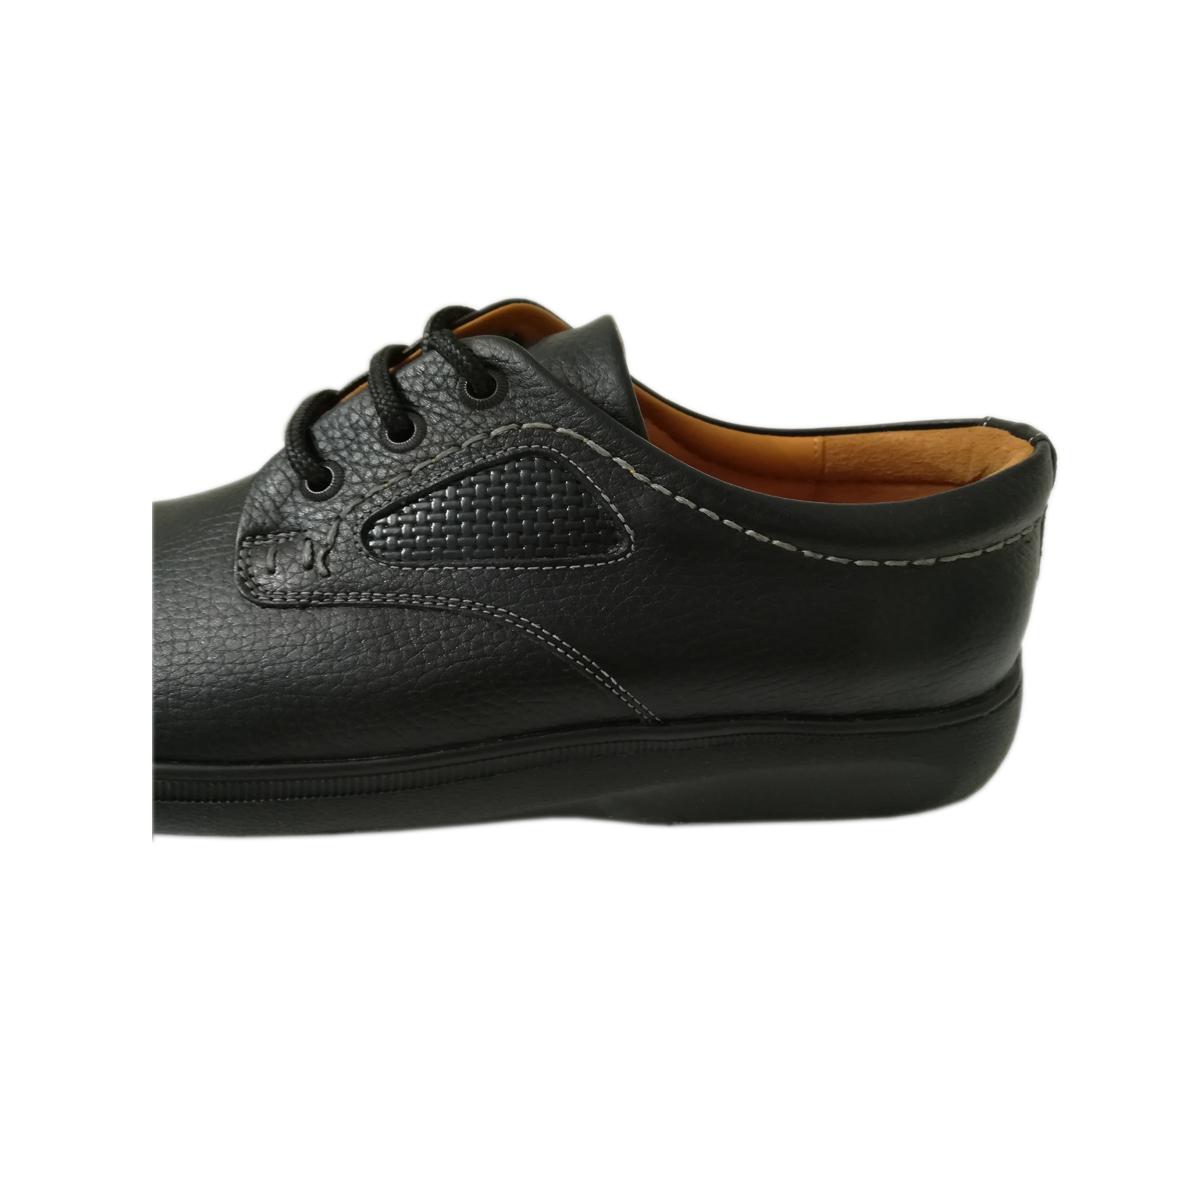 کفش روزمره مردانه کد 2511 -  - 1